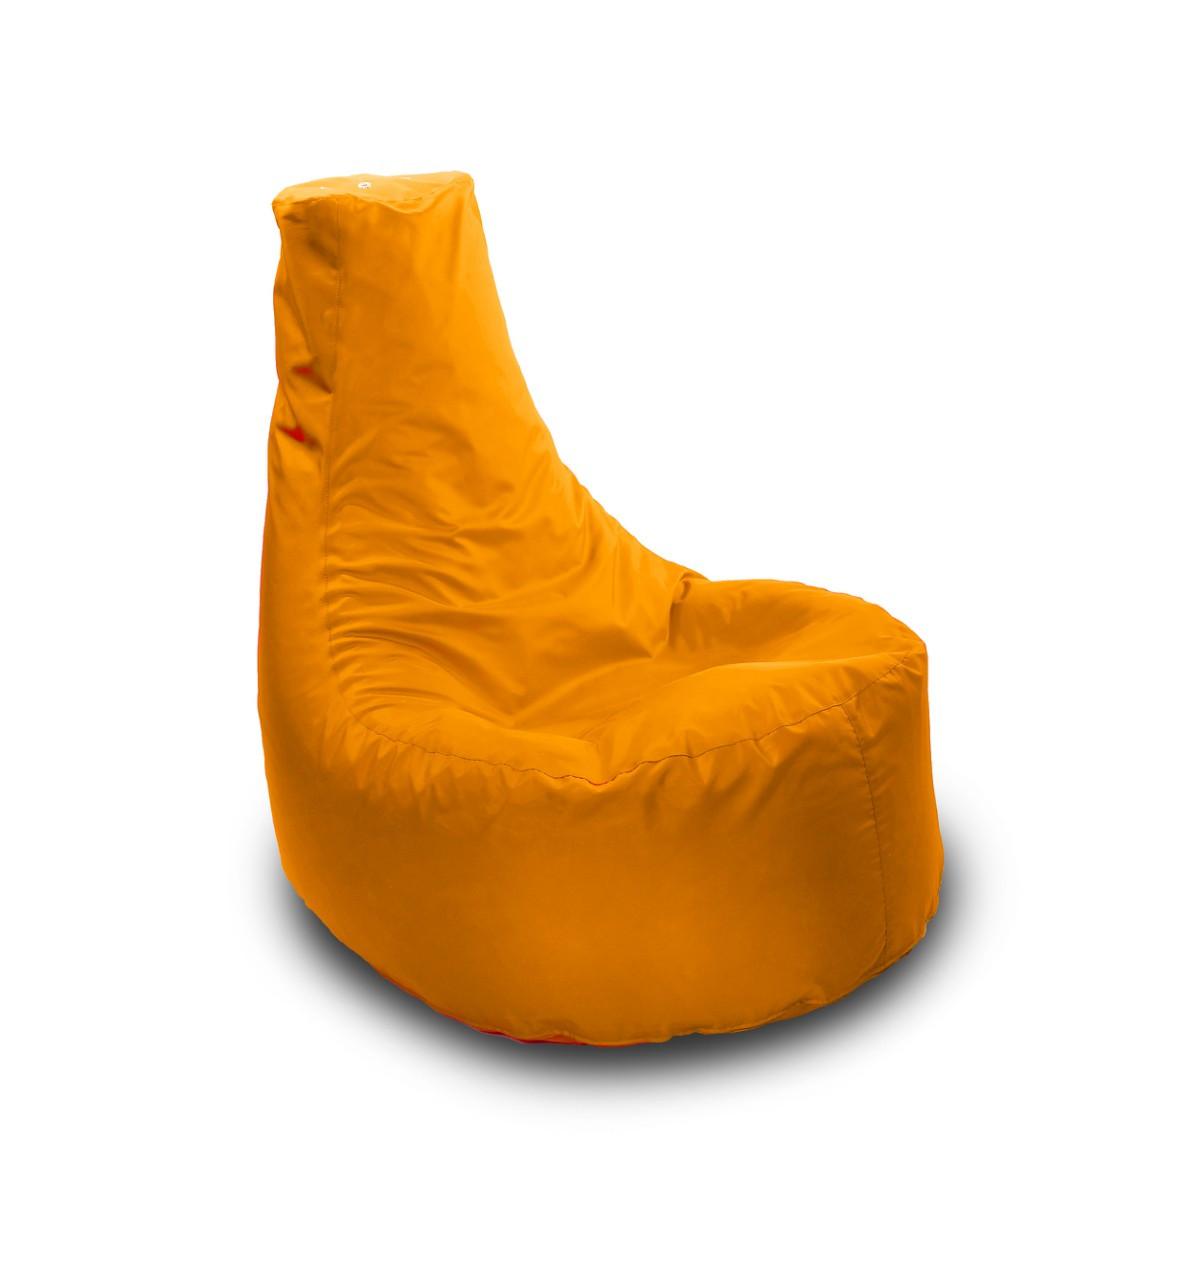 Оранжевое бескаркасное кресло-мешок Кайф из Оксфорда - Кресла-мешки от производителя с бесплатной доставкой по Украине в Николаеве